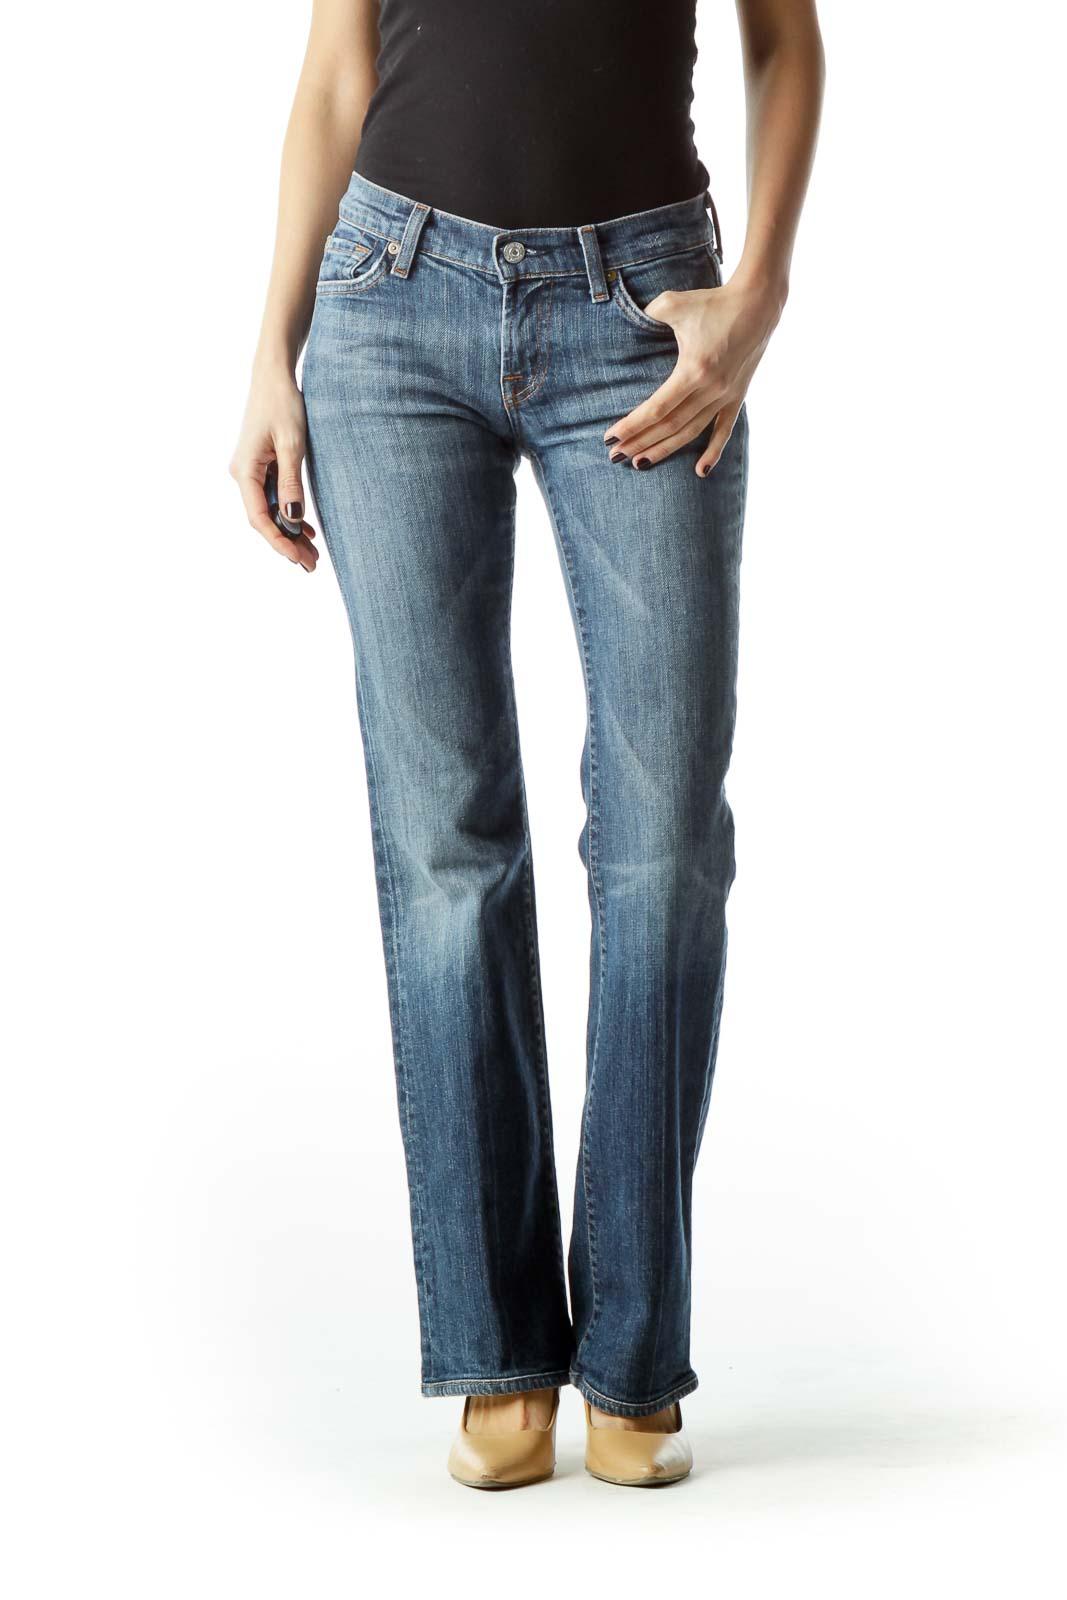 Blue Denim Flared Jeans Front